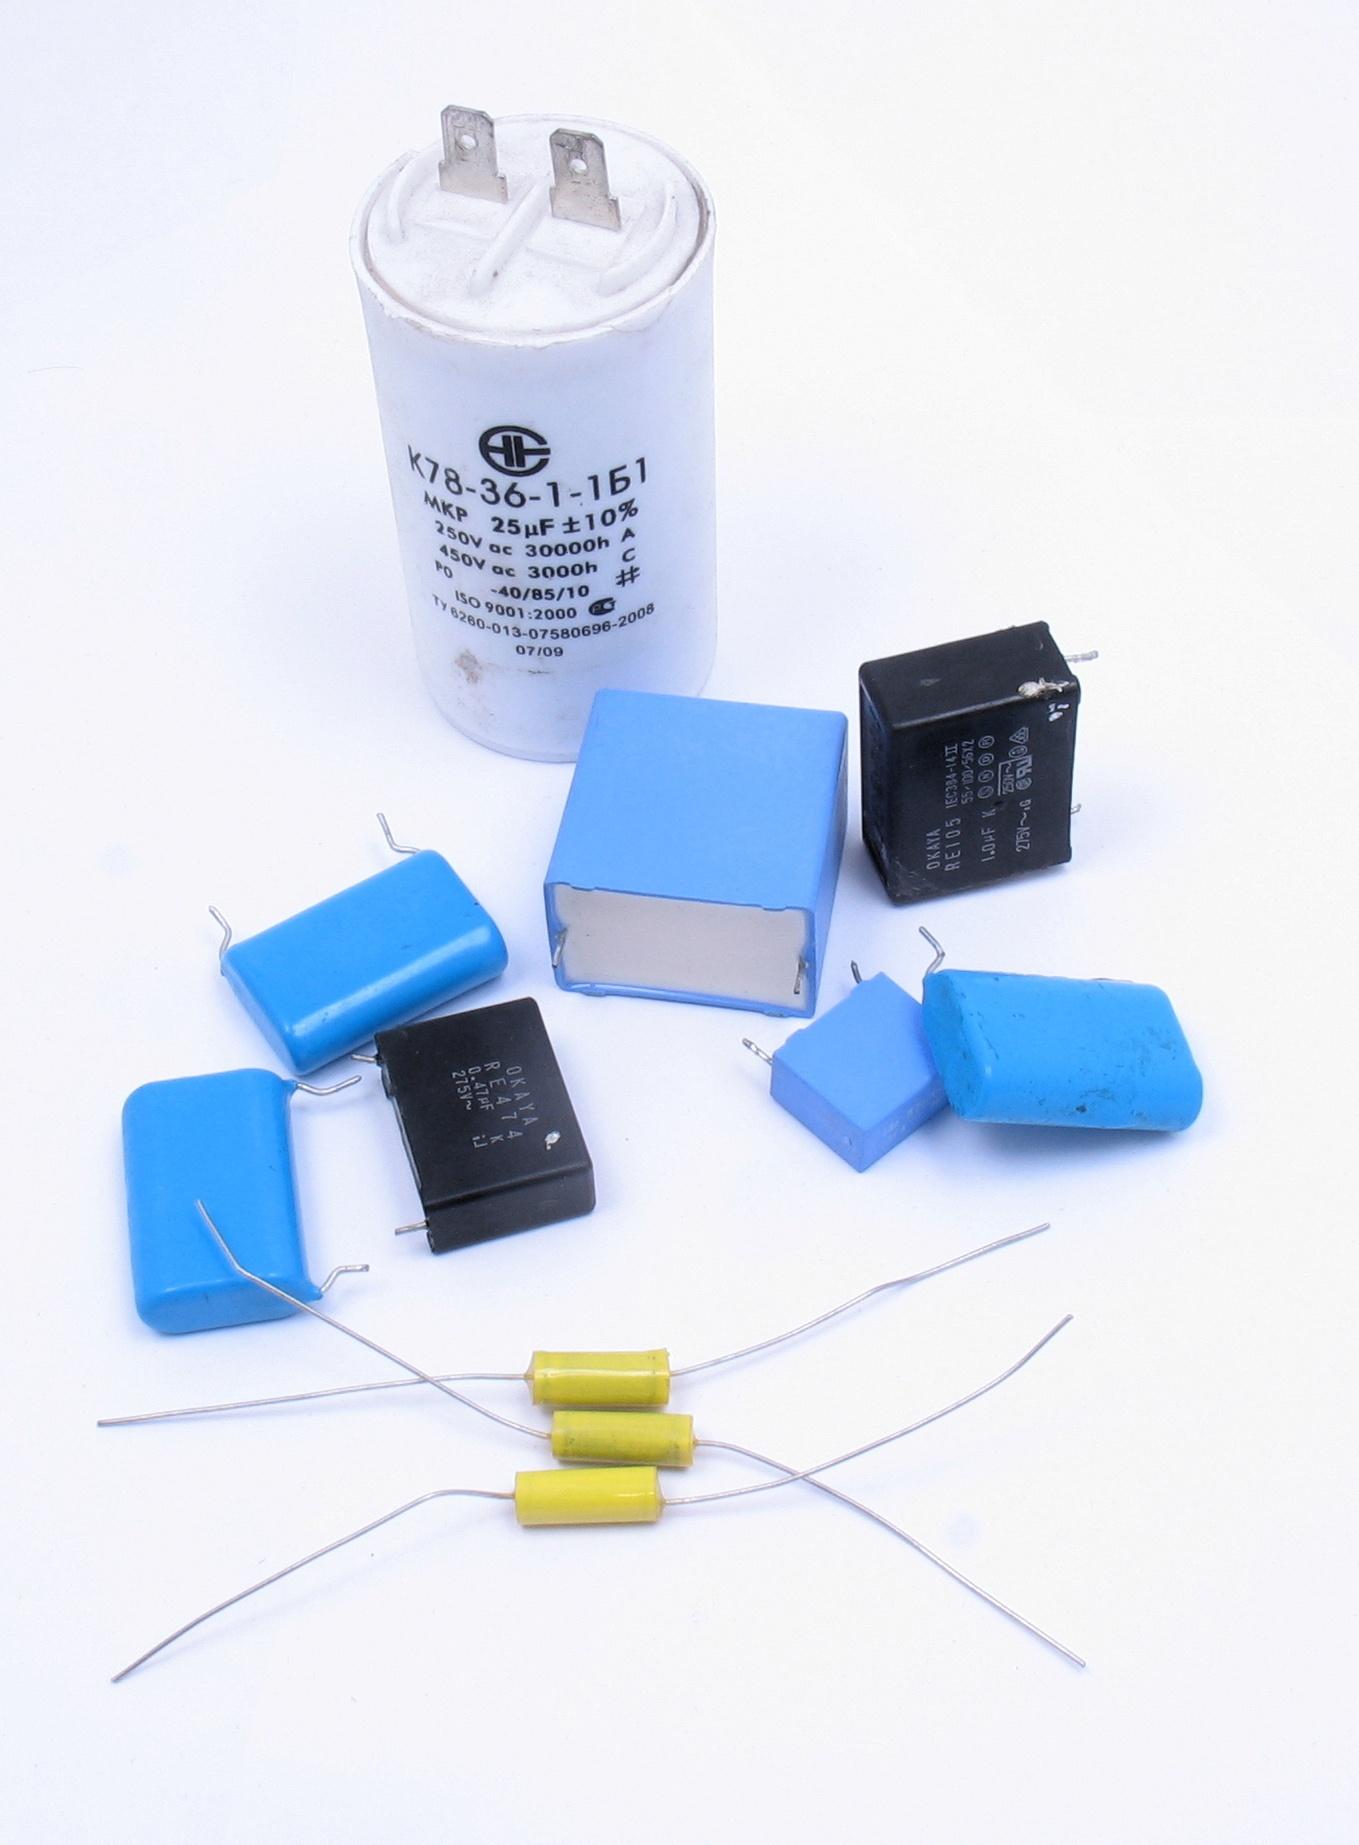 Руководство по материалам электротехники для всех. Часть 8 - 7